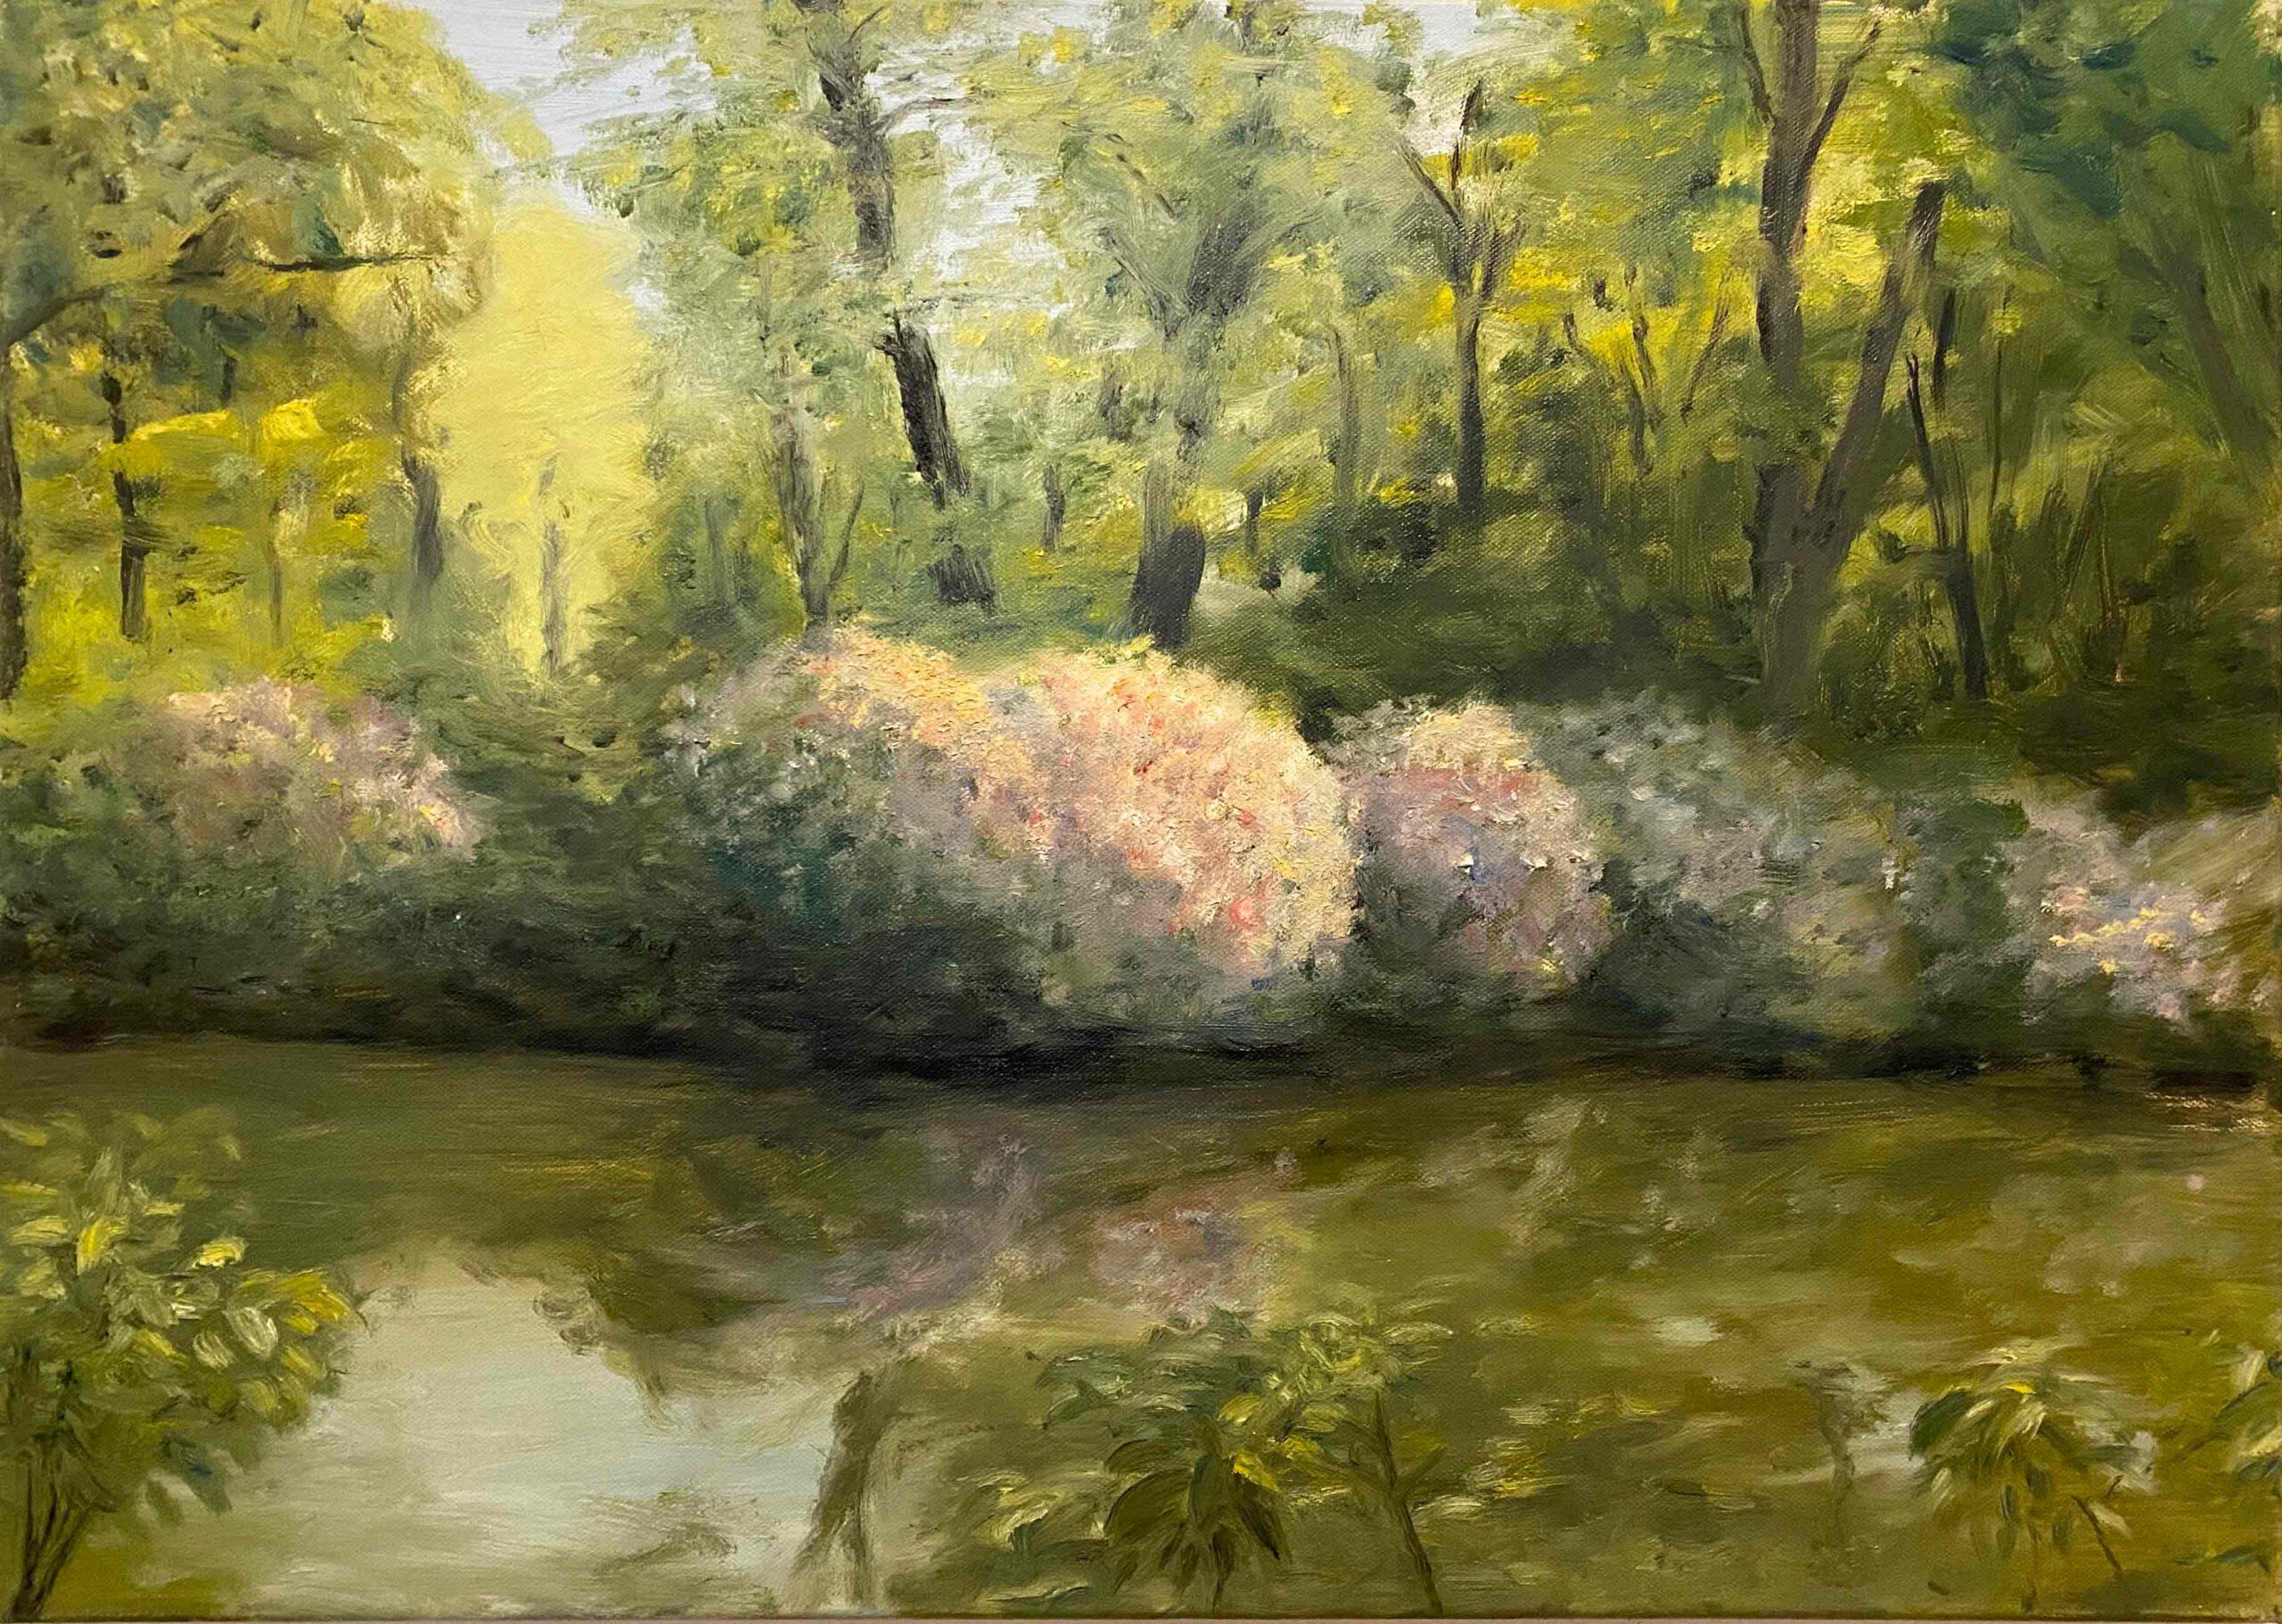 """""""Tiergarten""""  Öl auf Leinwand, 50 x 70 cm, Felix Rieger 2010"""